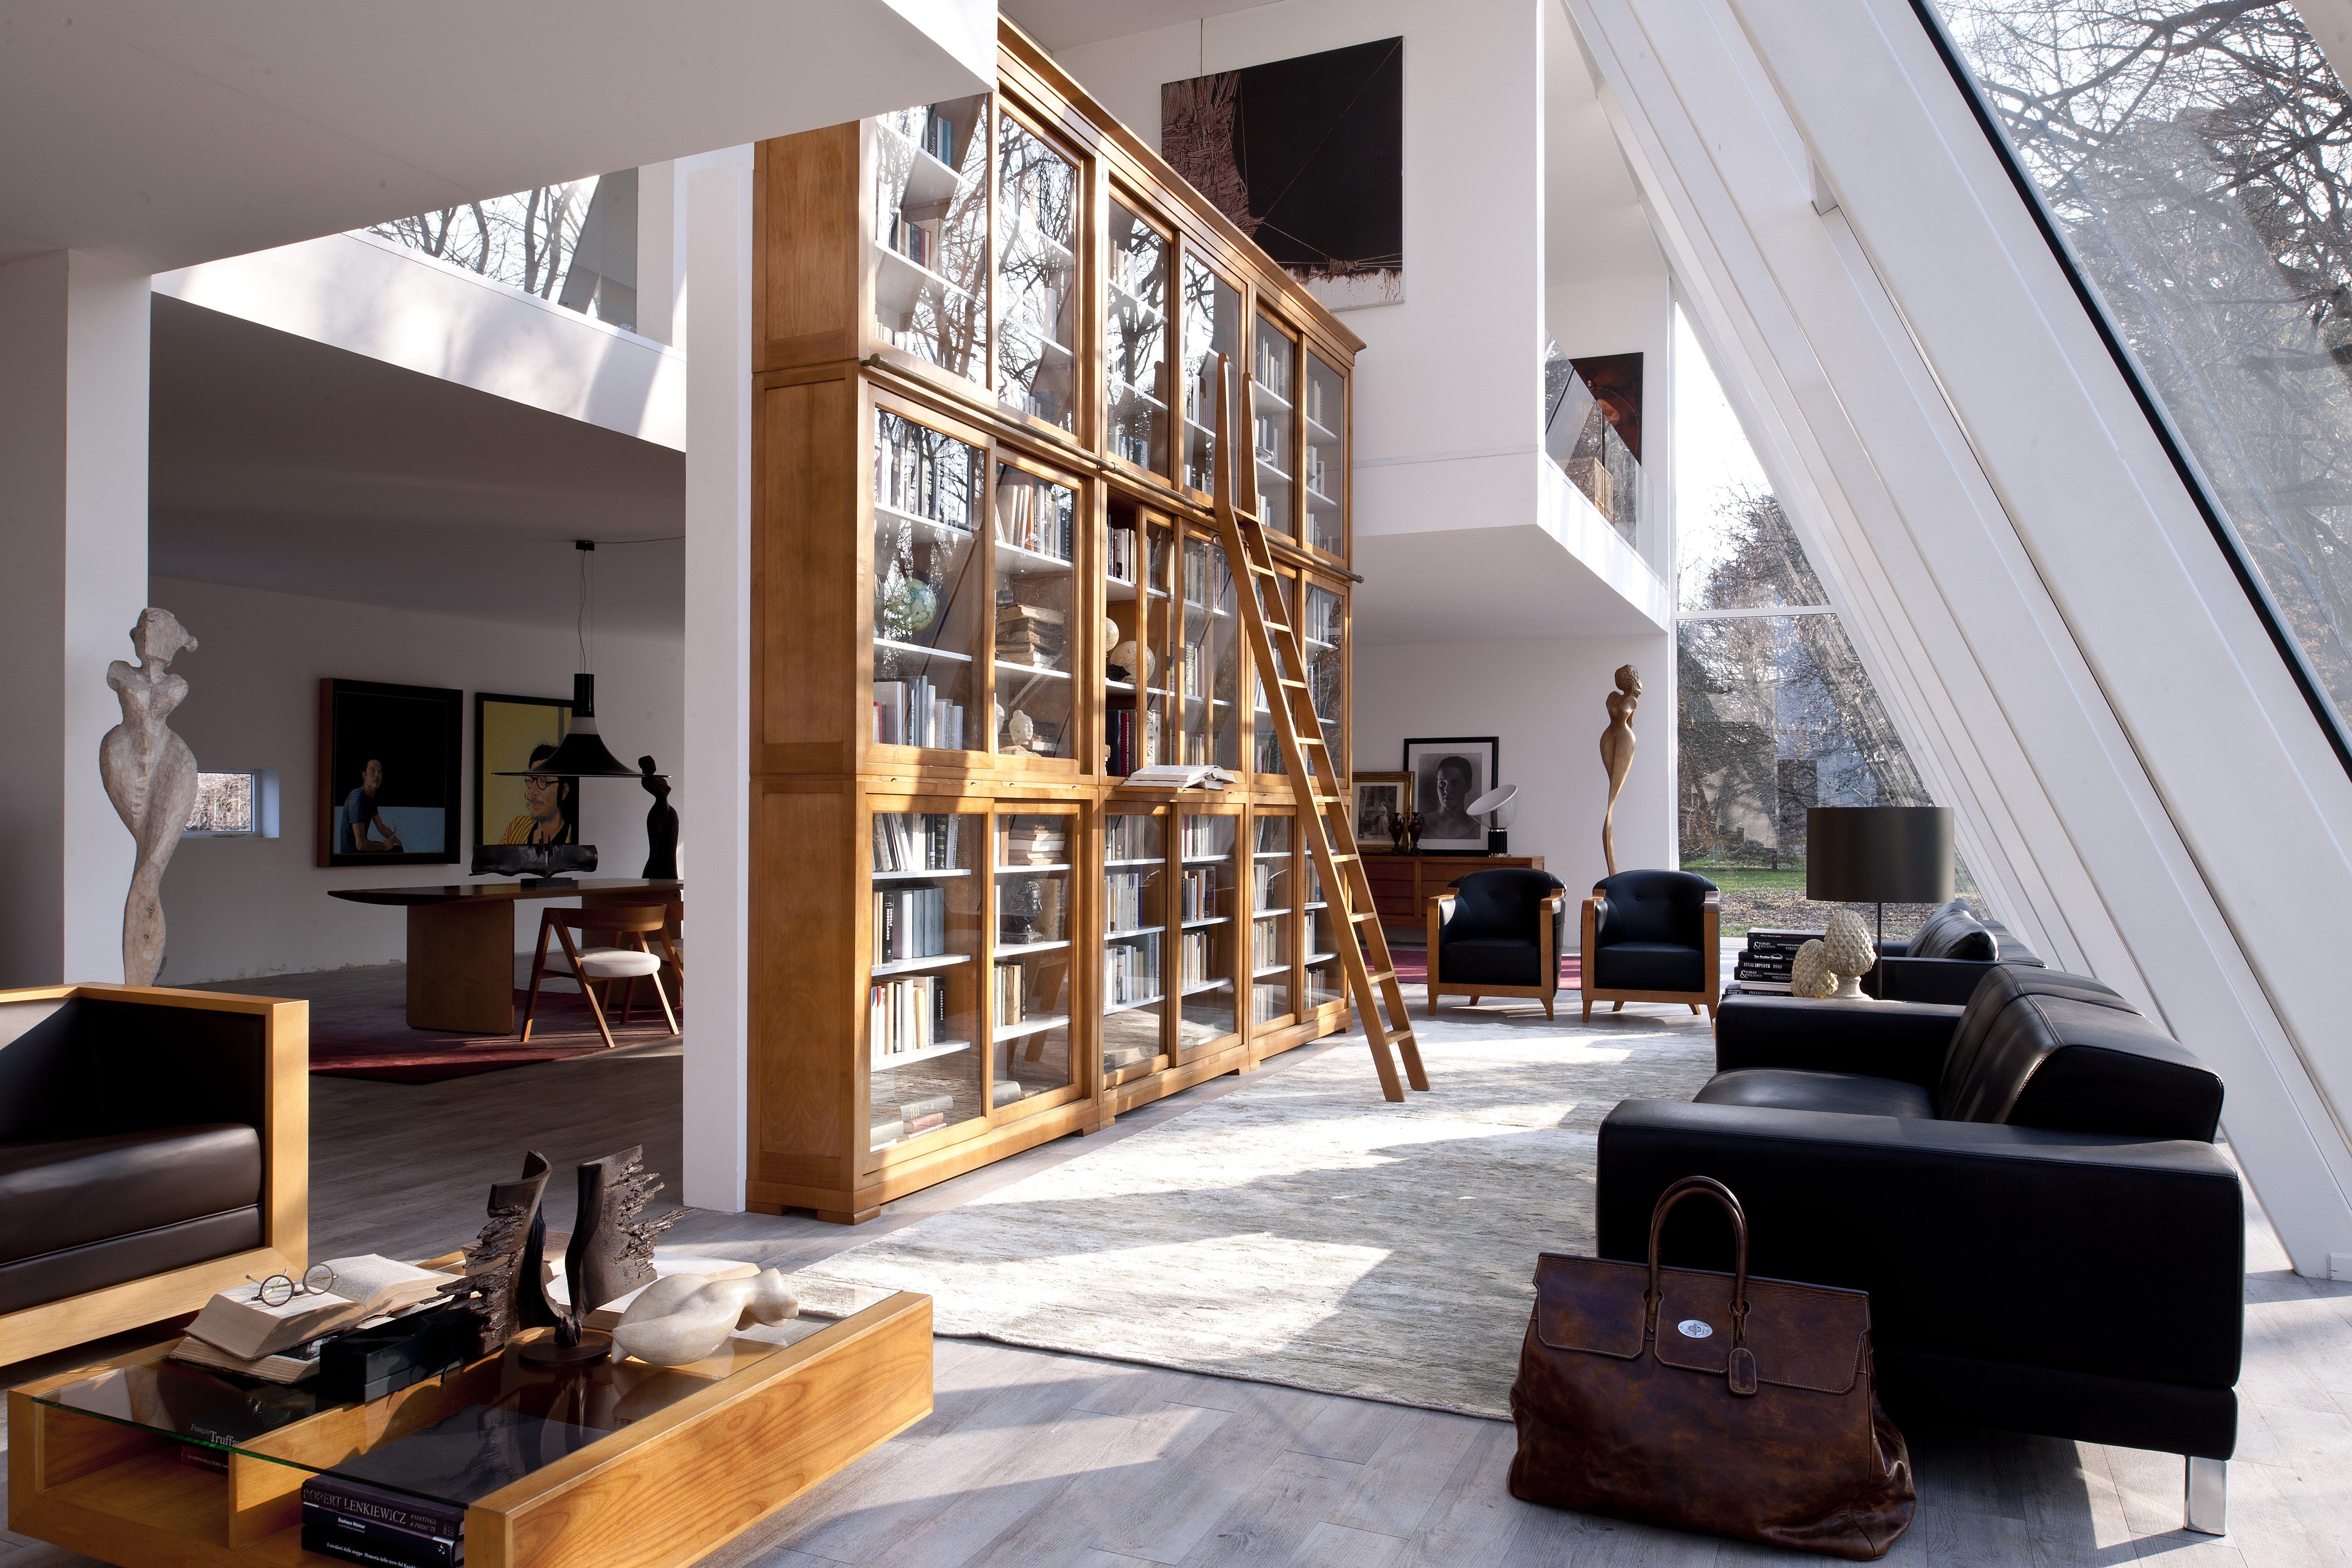 Libreria biedermeier 2011 villadisesto - Morelato mobili ...